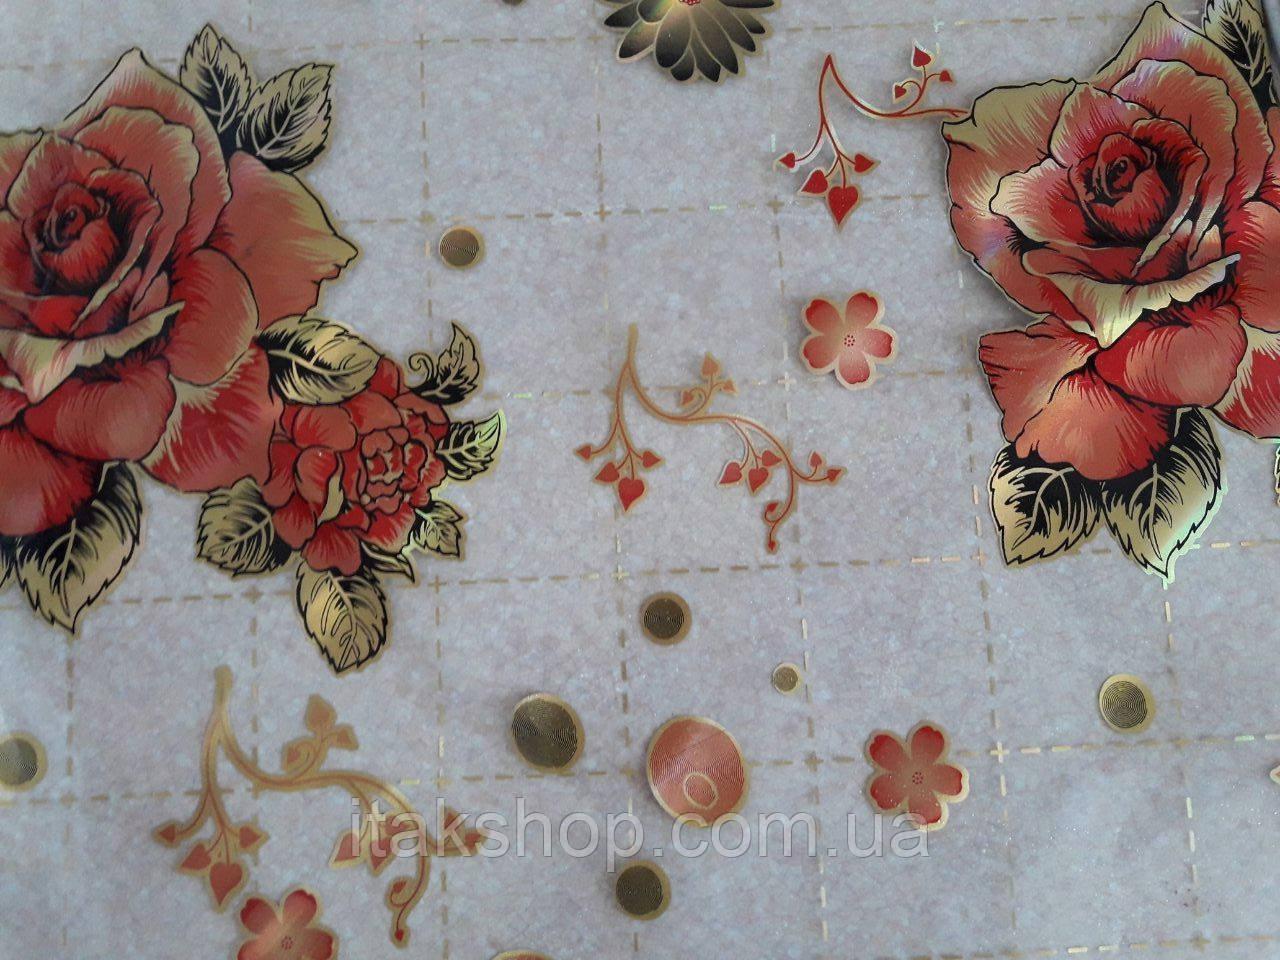 М'яке скло Скатертину з лазерним малюнком для меблів Soft Glass 1.4х0.8м товщина 1.5 мм Червона троянда